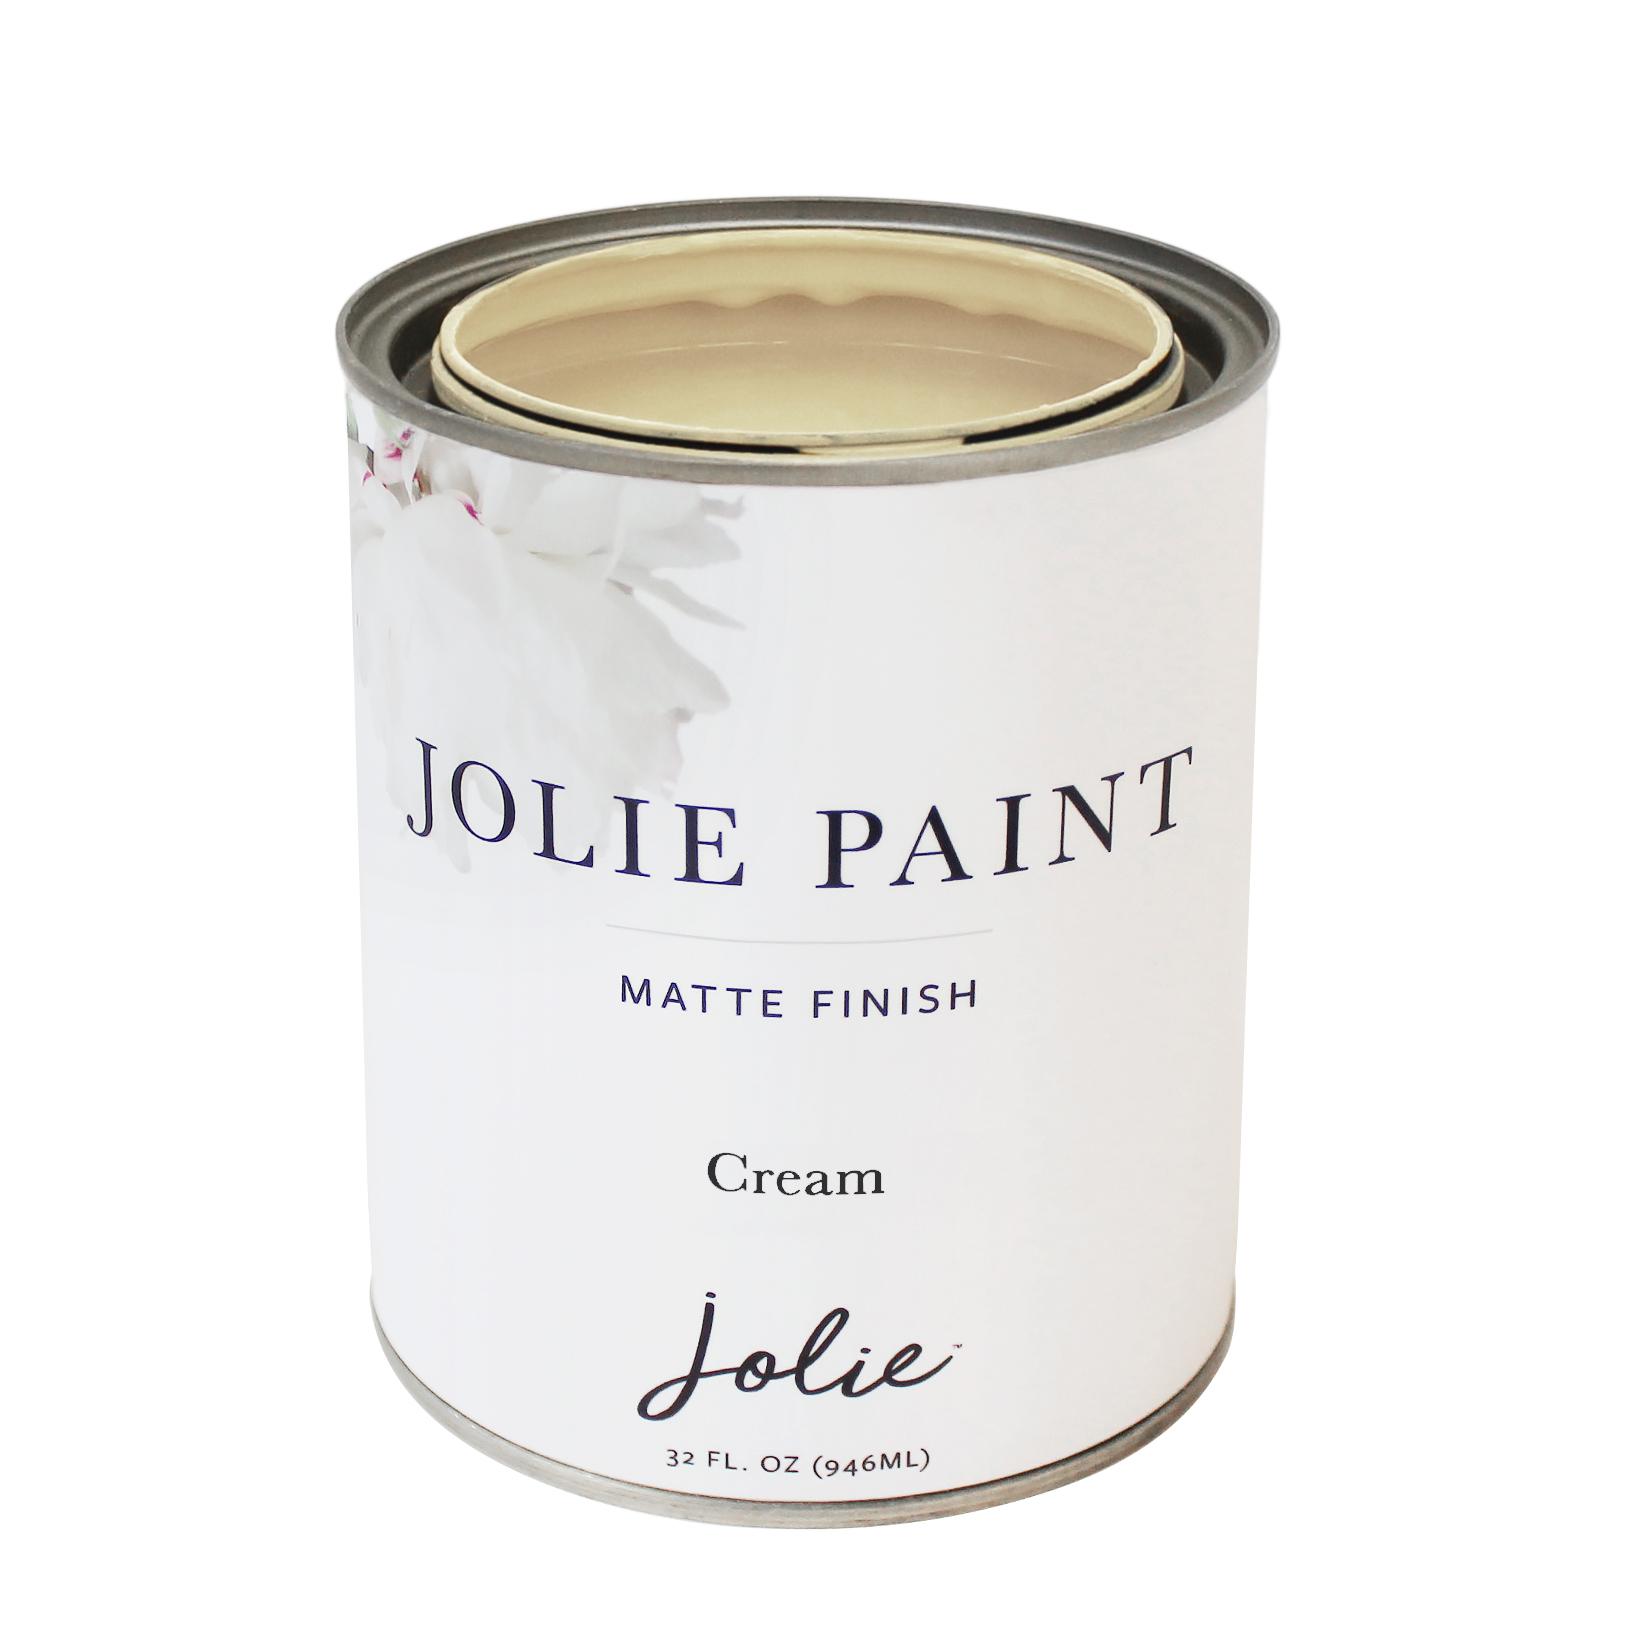 Cream - Jolie Paint